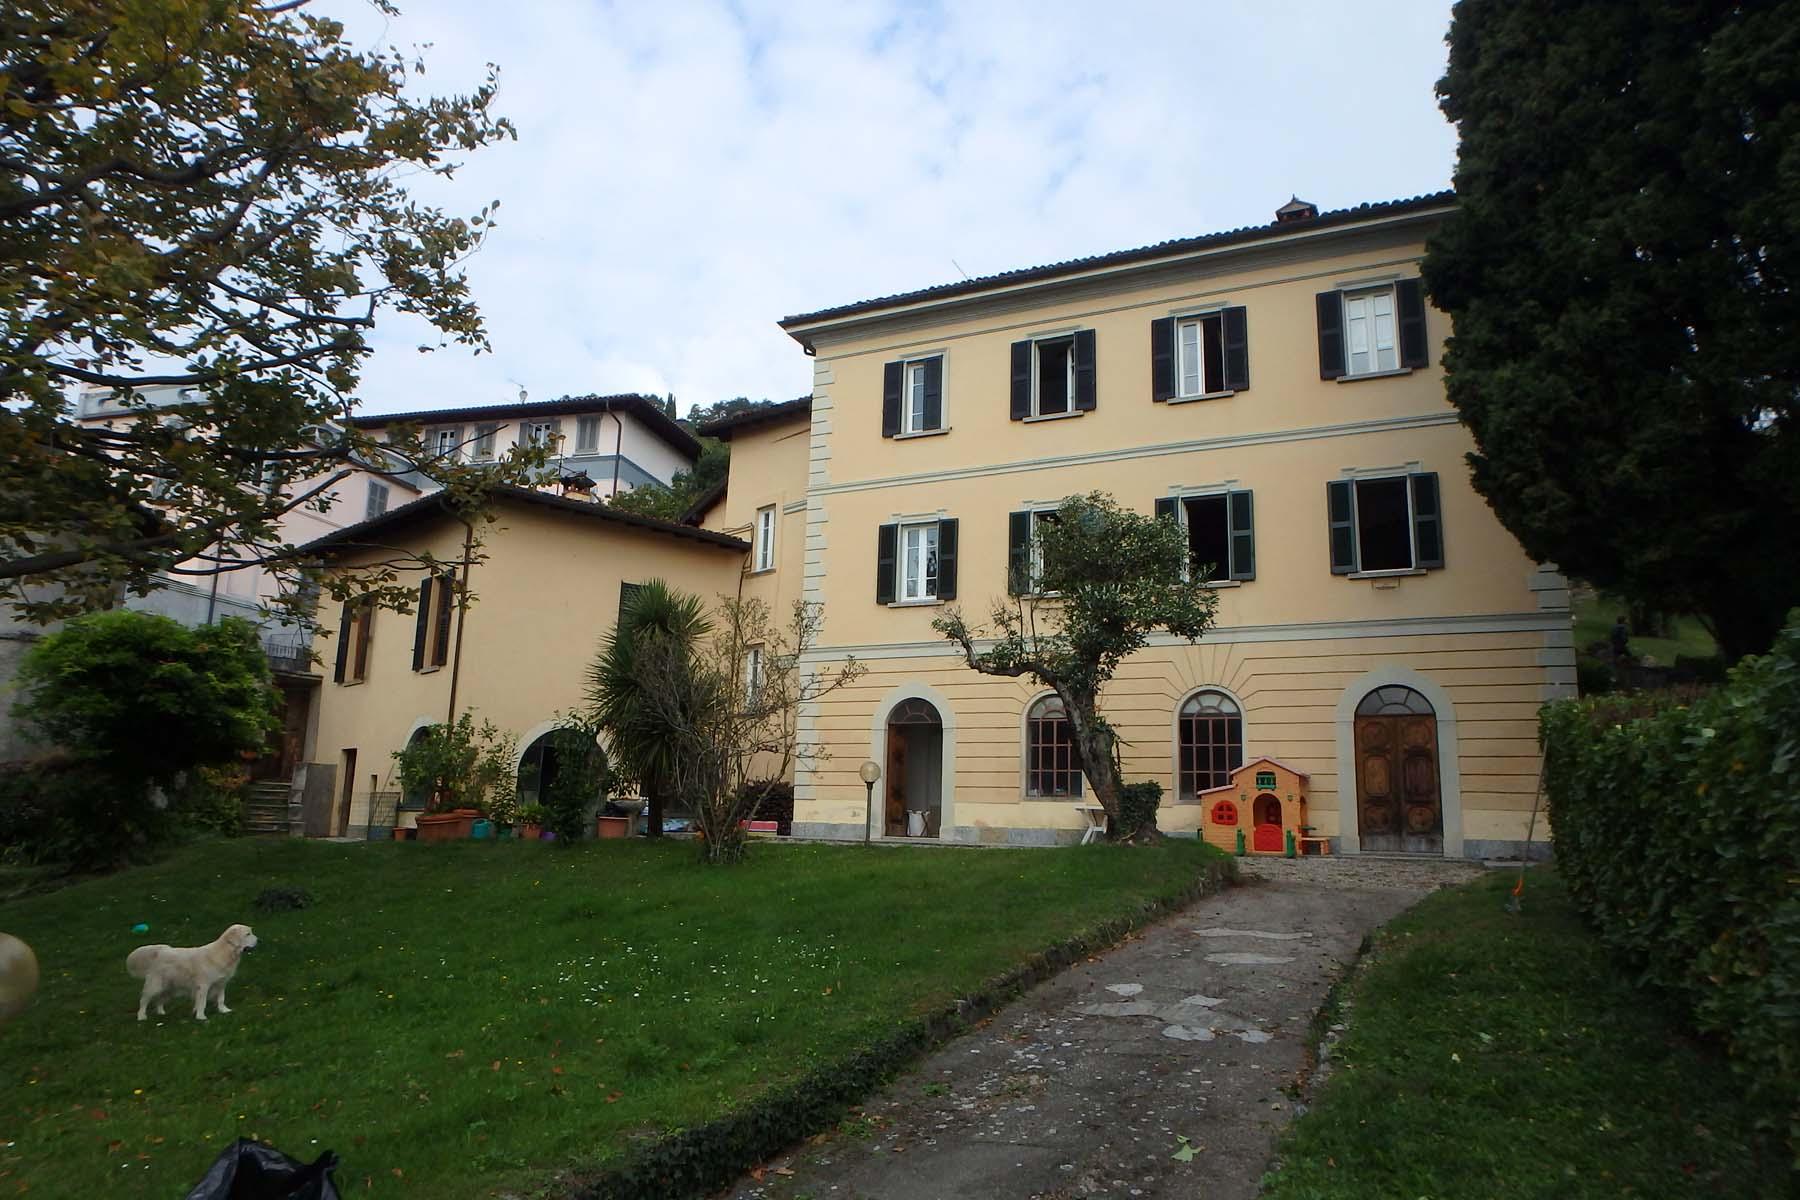 Period villa in Menaggio with large garden